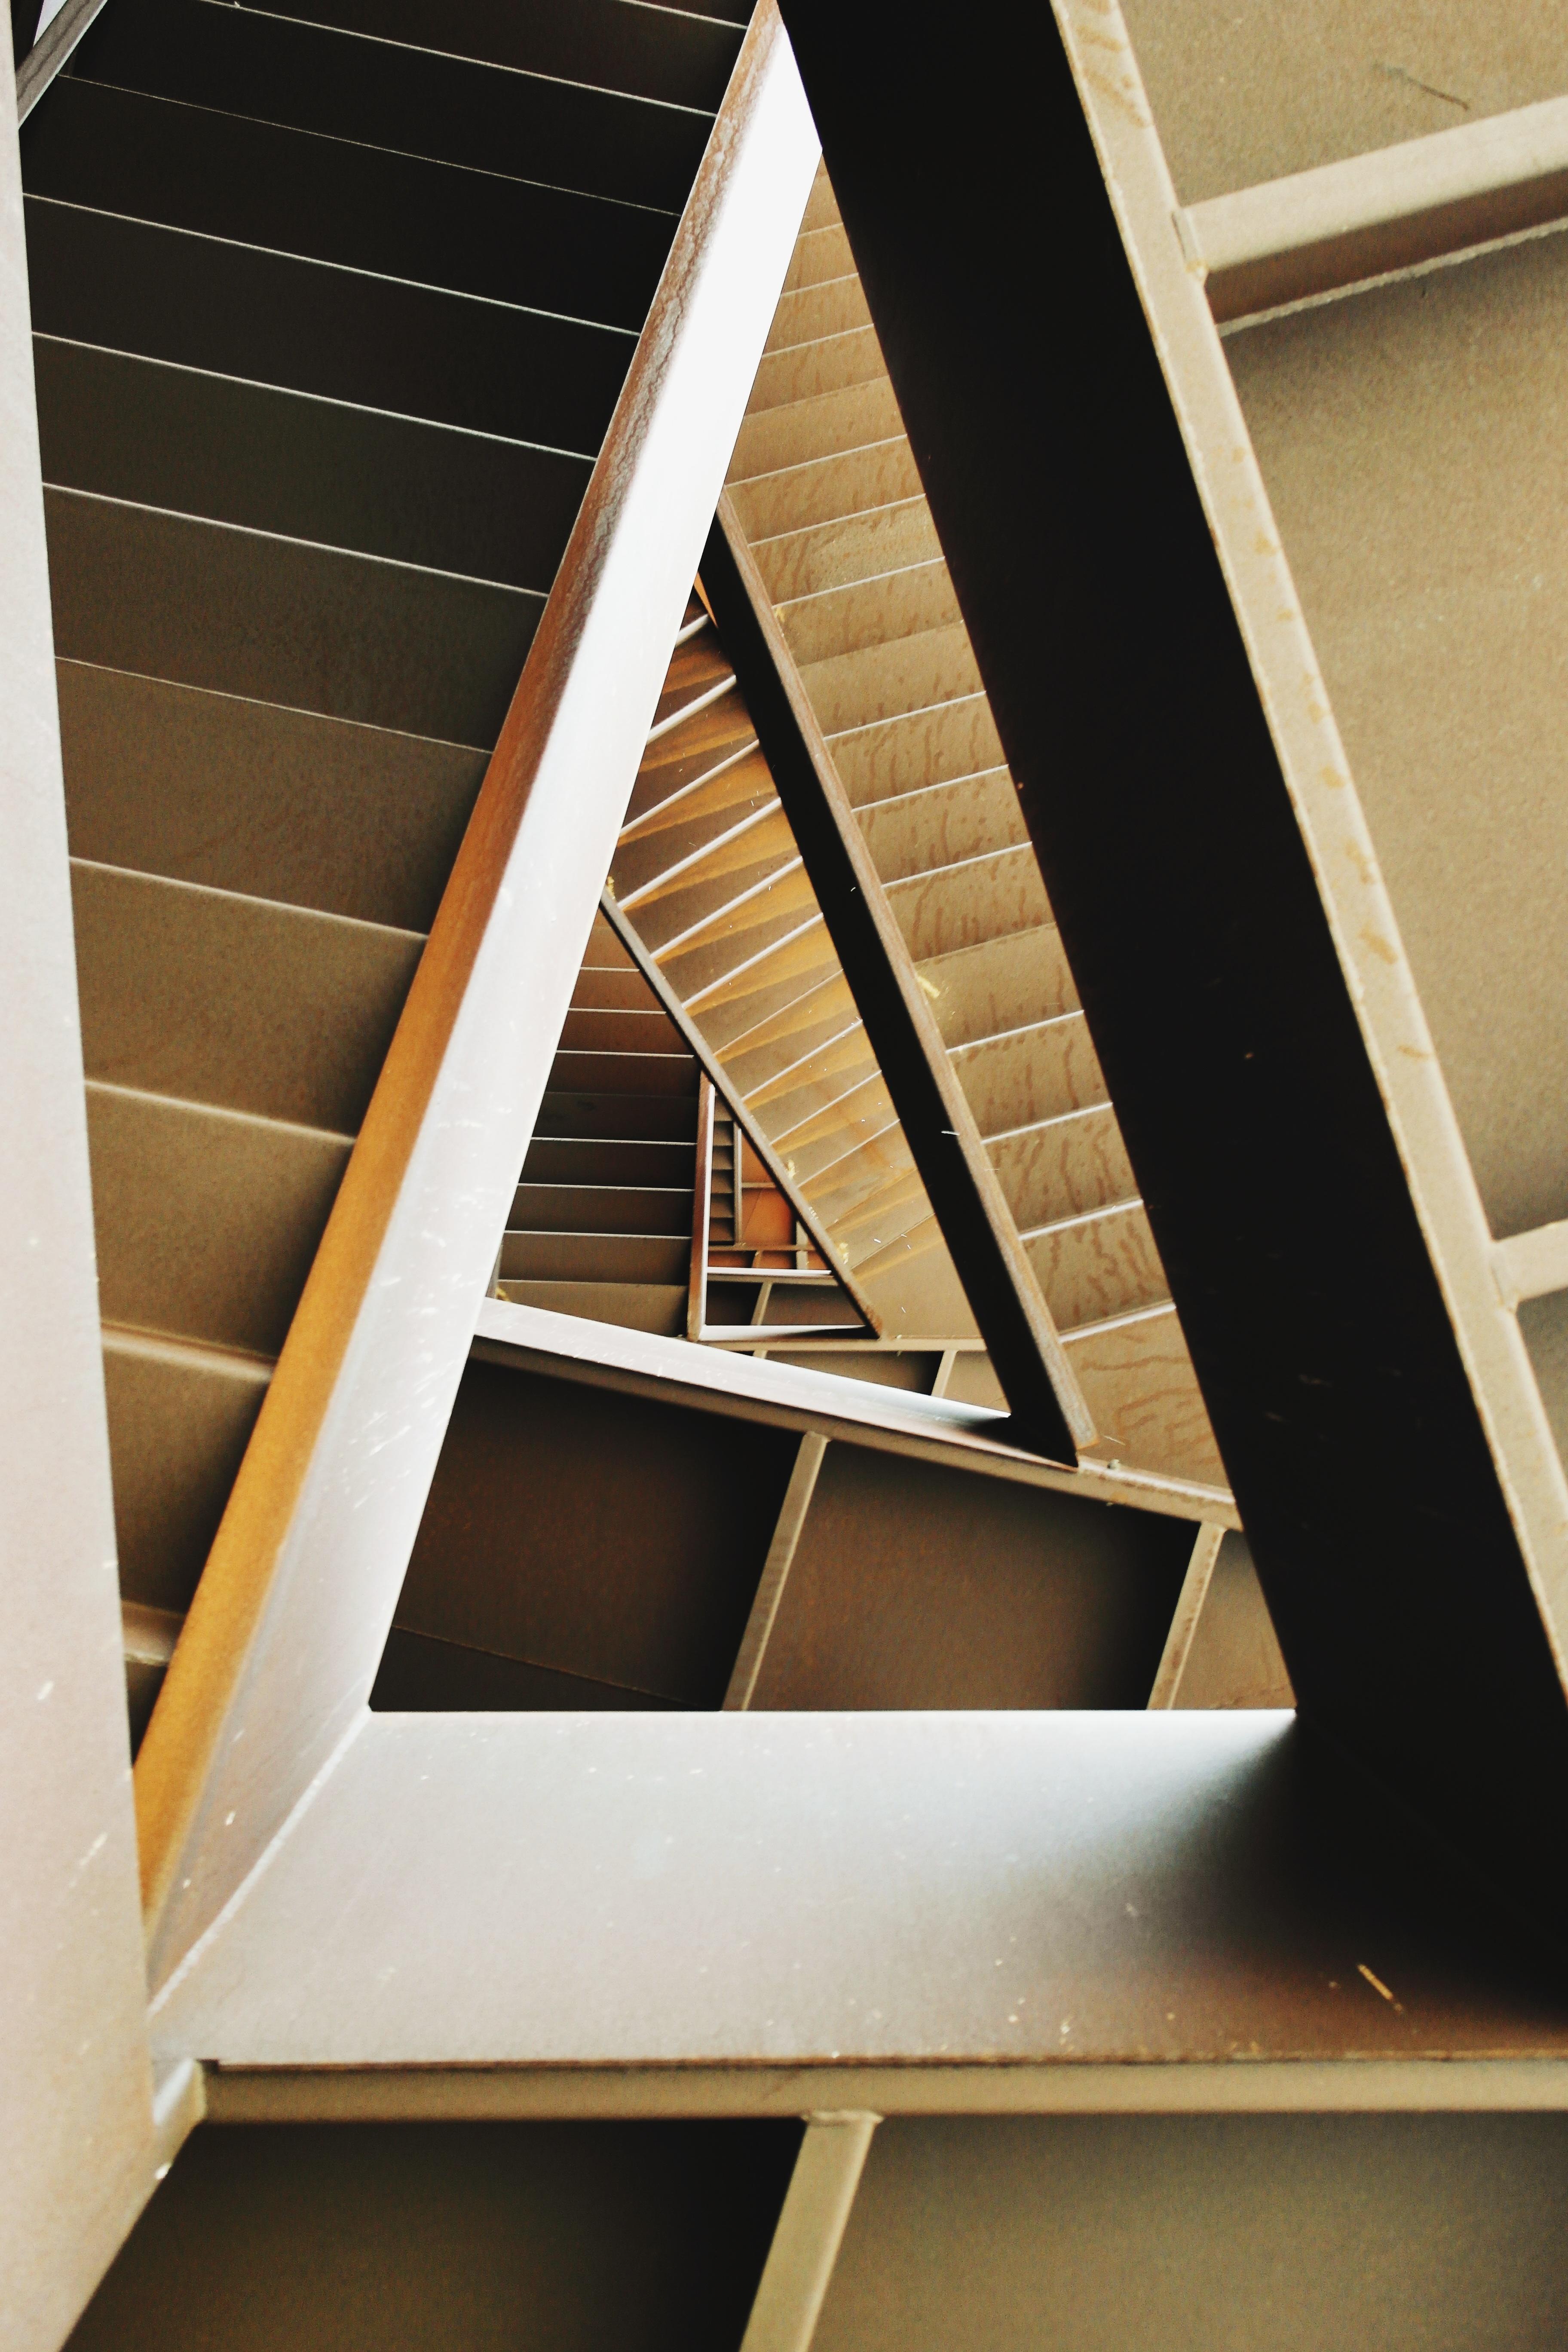 무료 이미지 : 건축물, 목재, 집, 바닥, 창문, 벽, 천장, 방, 애틱 ...